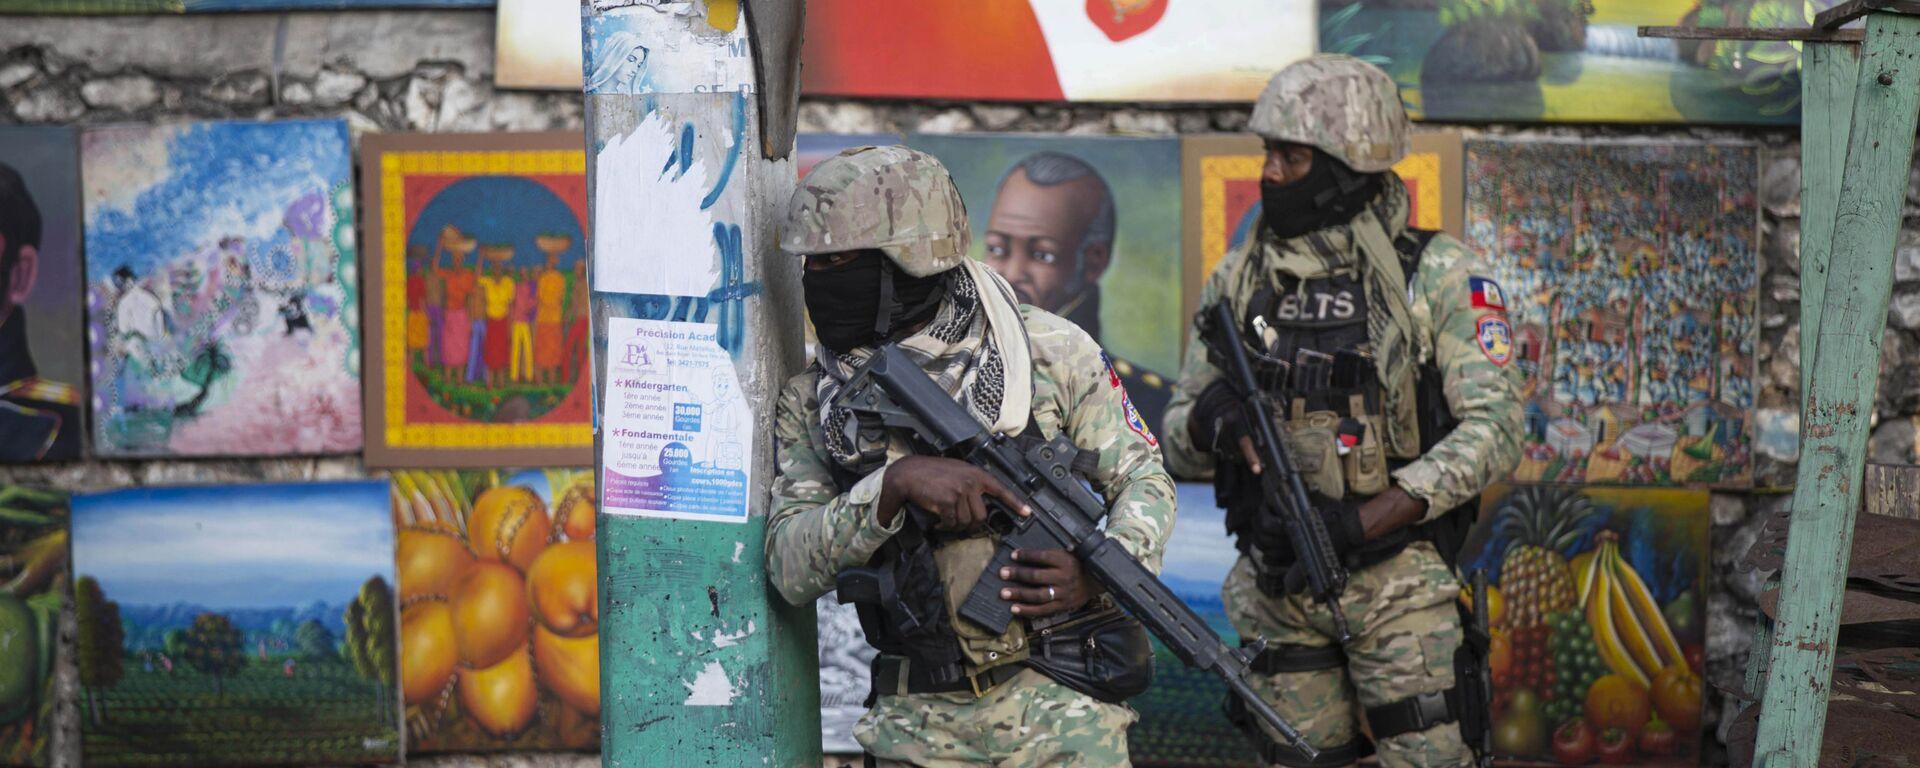 Солдаты патрулируют Петион Вилль, район, где жил покойный президент Гаити Жовенель Мойз, в Порт-о-Пренсе, Гаити - Sputnik Узбекистан, 1920, 11.07.2021